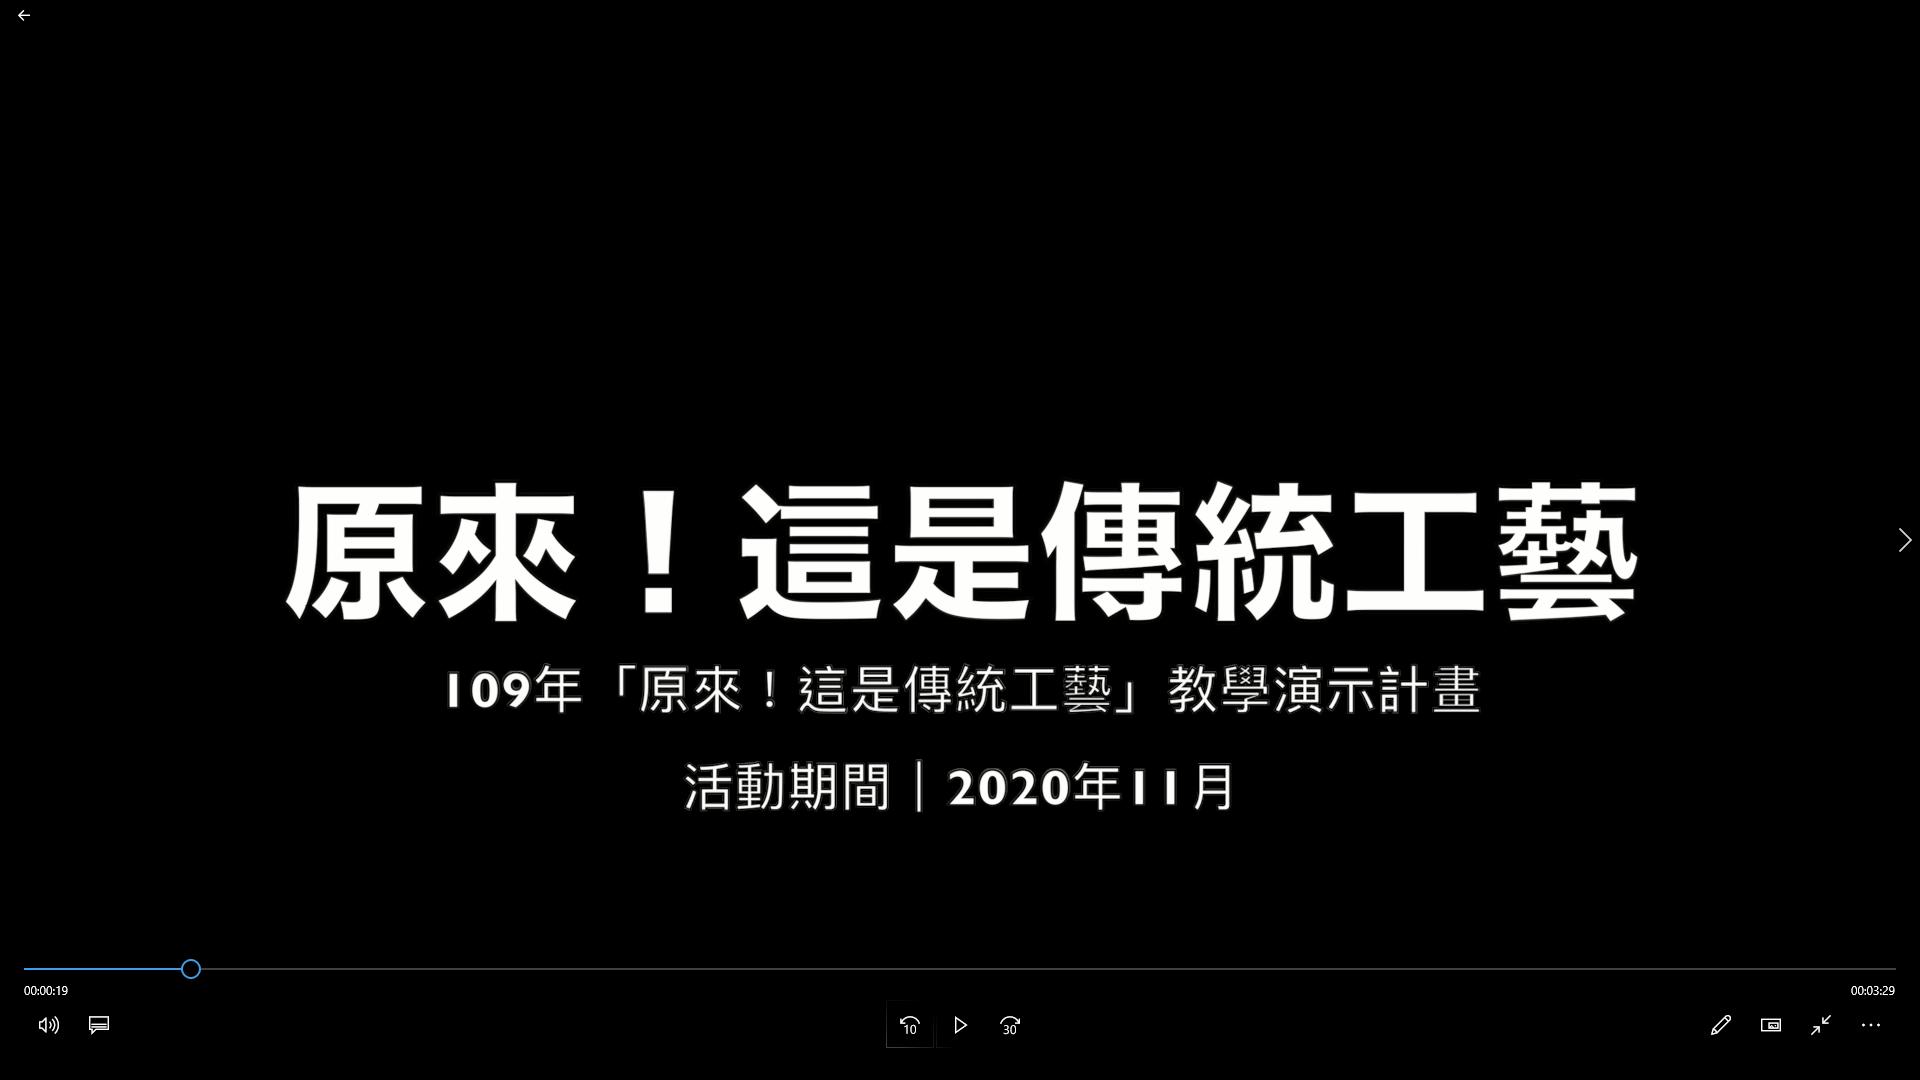 109年「原來!這是傳統工藝」教學演示計畫-簡介(3分鐘)